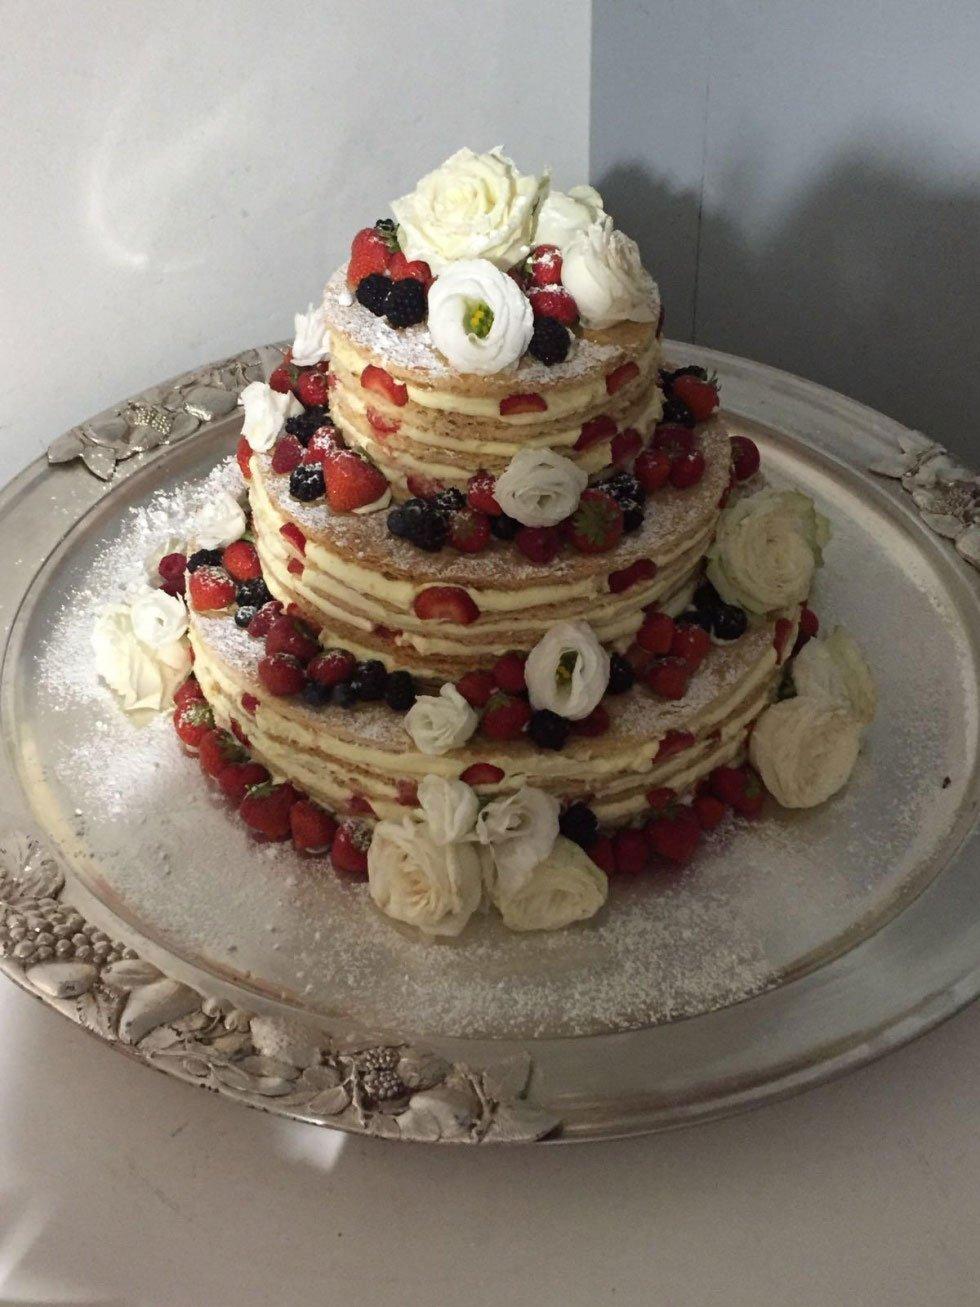 una torta a più livelli con crema pasticcera, frutti di bosco zucchero a velo e delle rose bianche